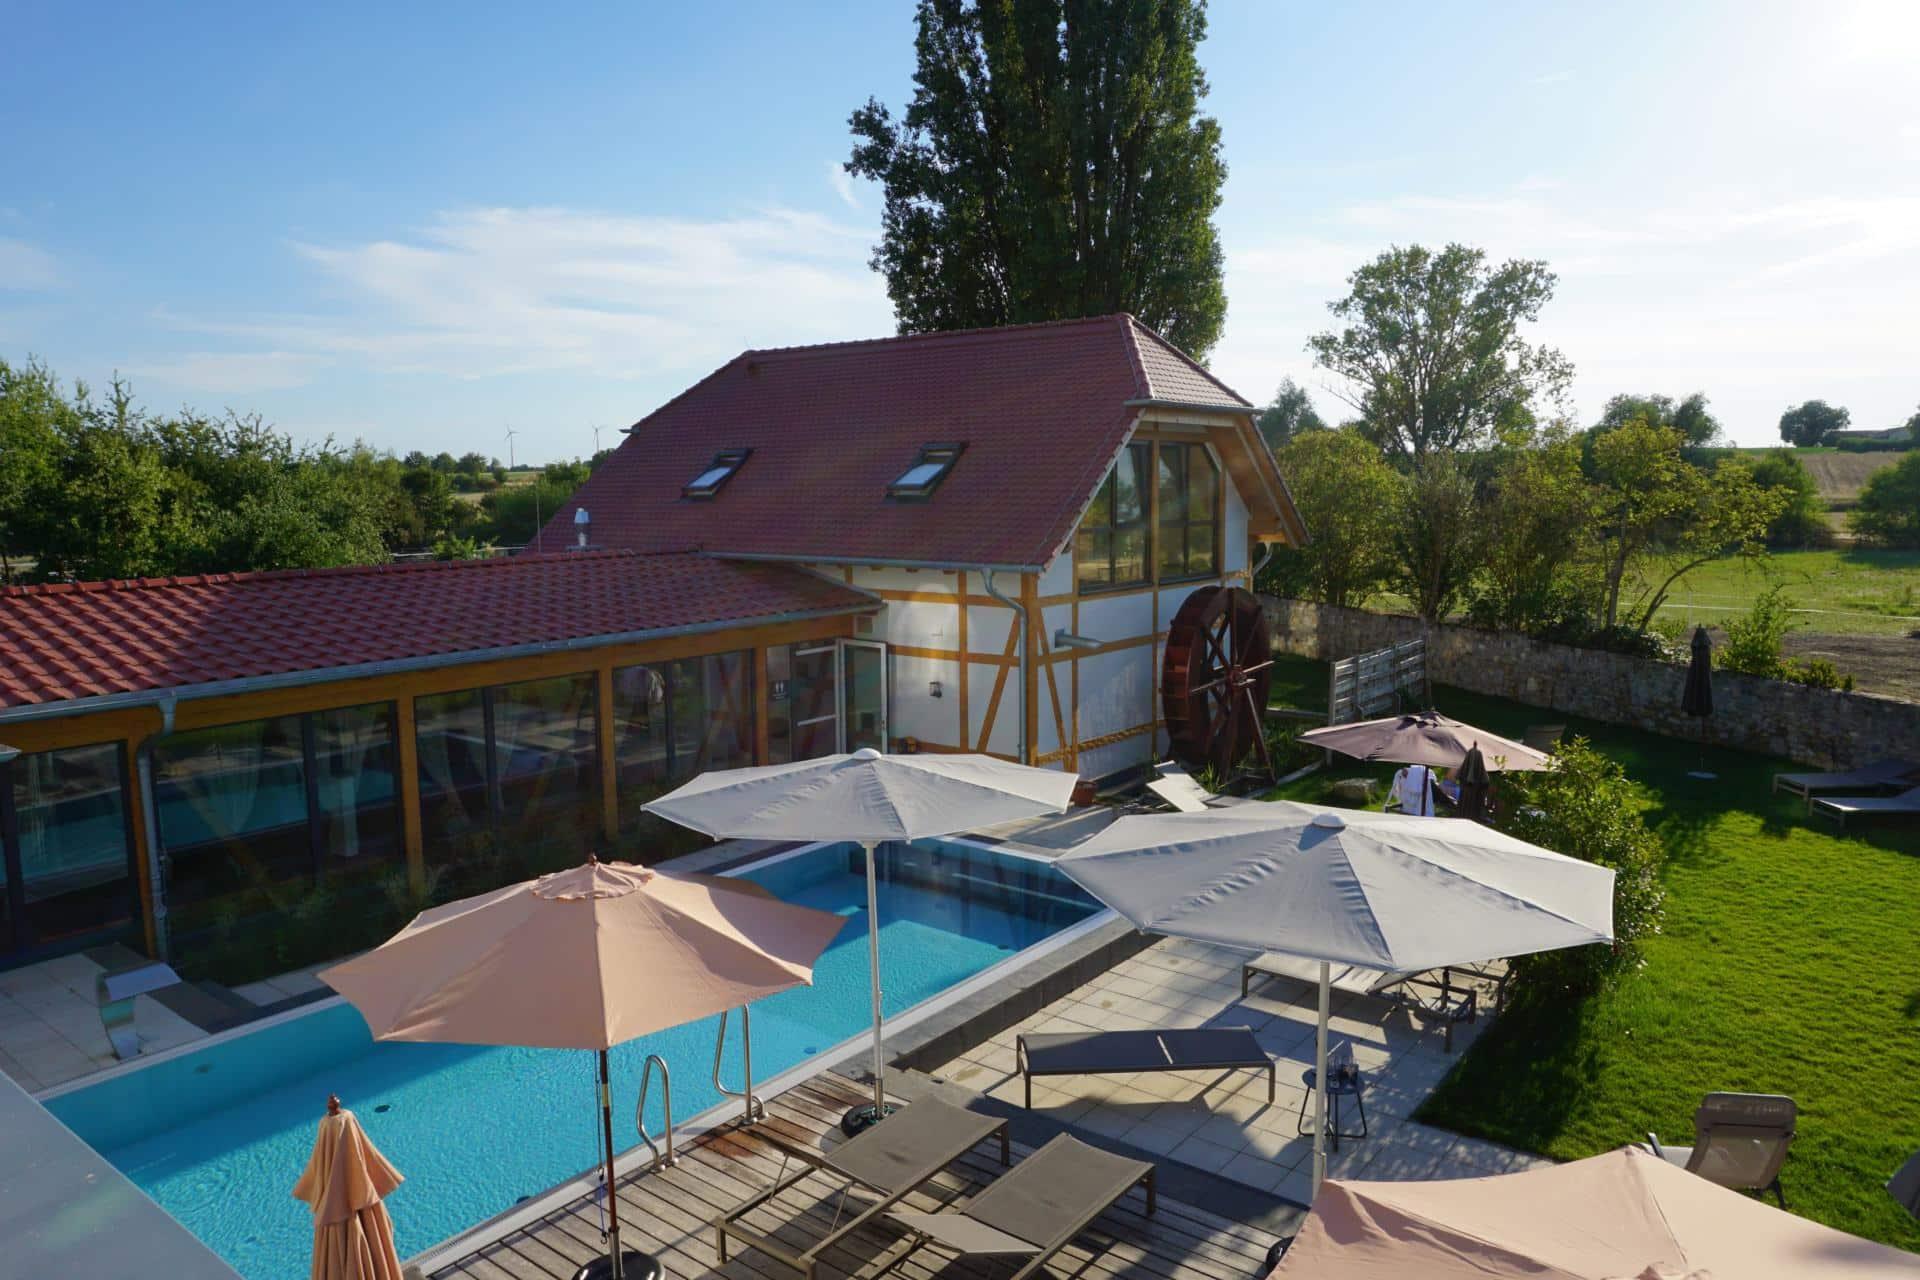 Poolbereich und Garten des Wellnesshotel Jordans Untermühle in Rheinhessen